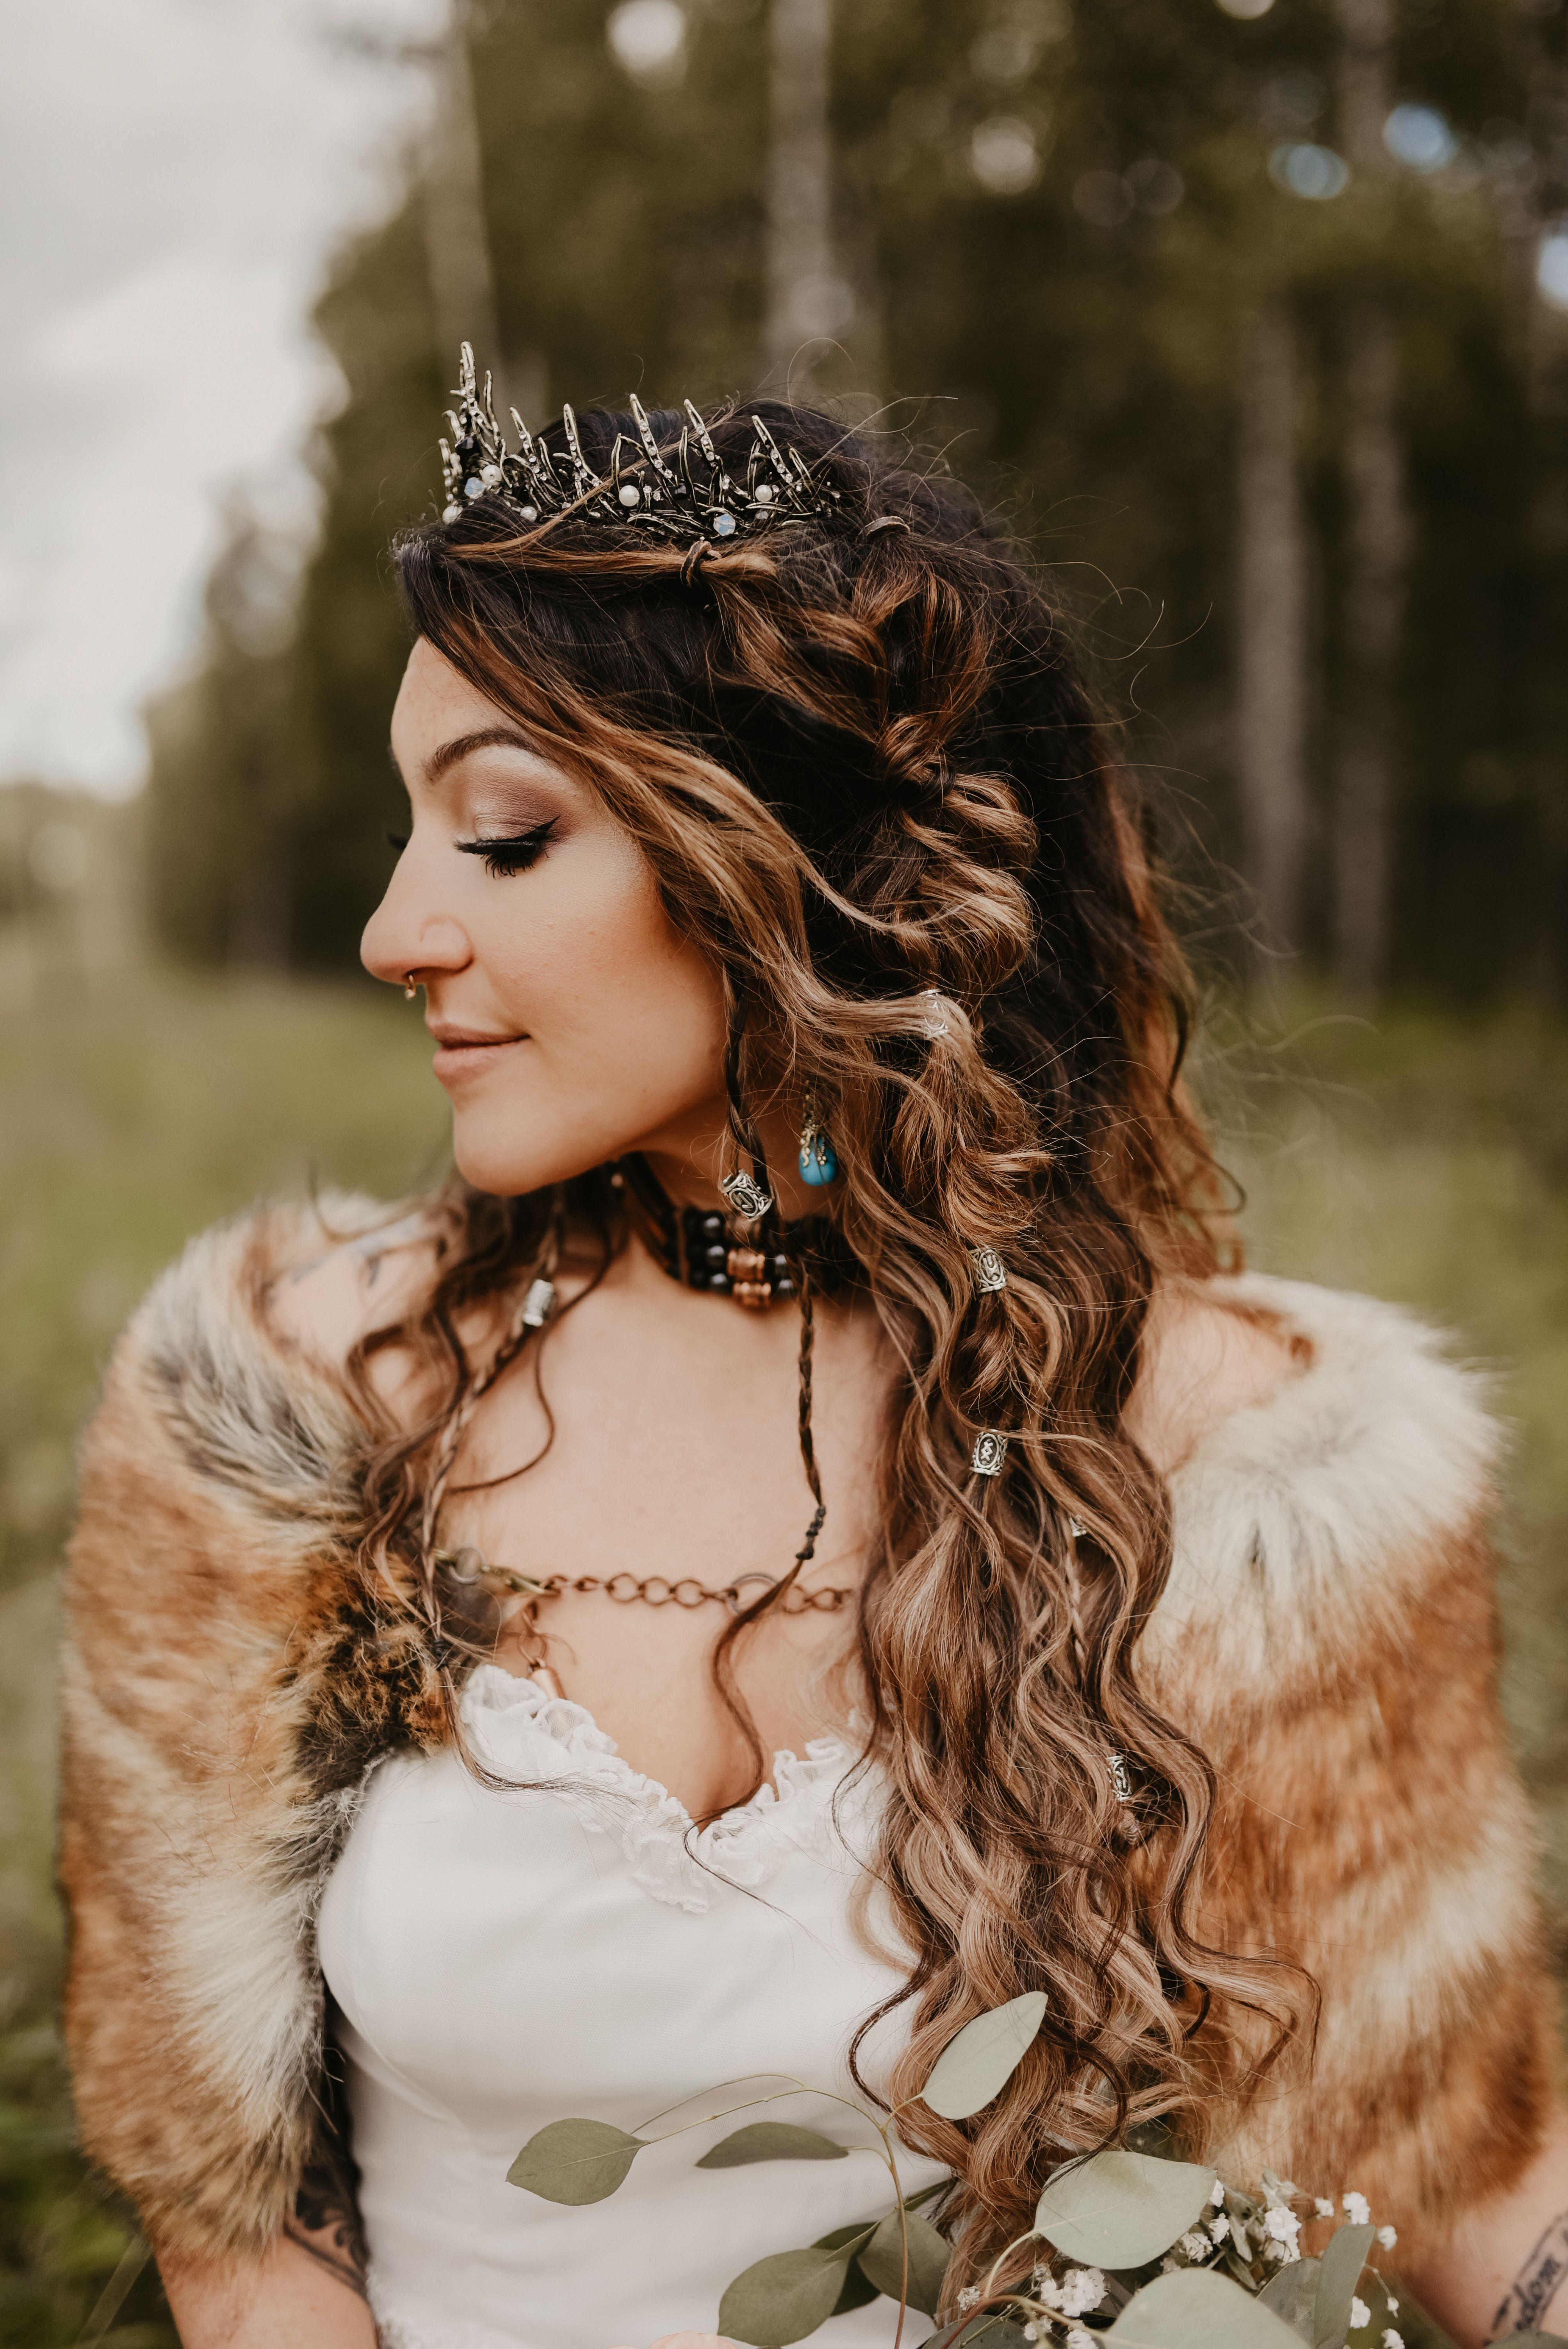 Viking Wedding Hairstyles in 2020 Nordic wedding, Viking